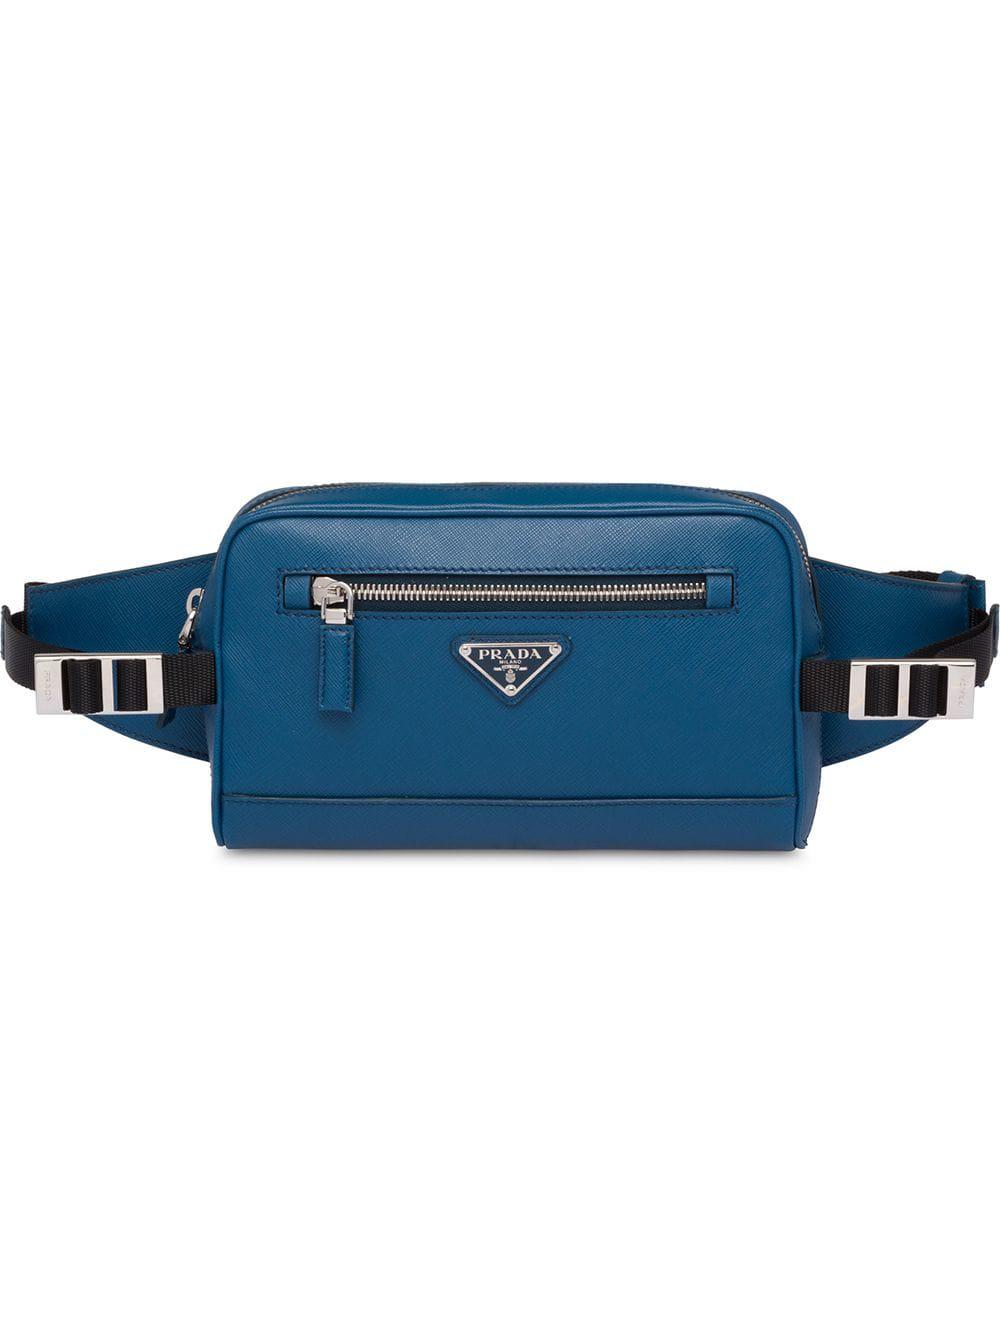 dfa8141e7564e1 Prada Saffiano Leather Belt Bag - Blue   ModeSens